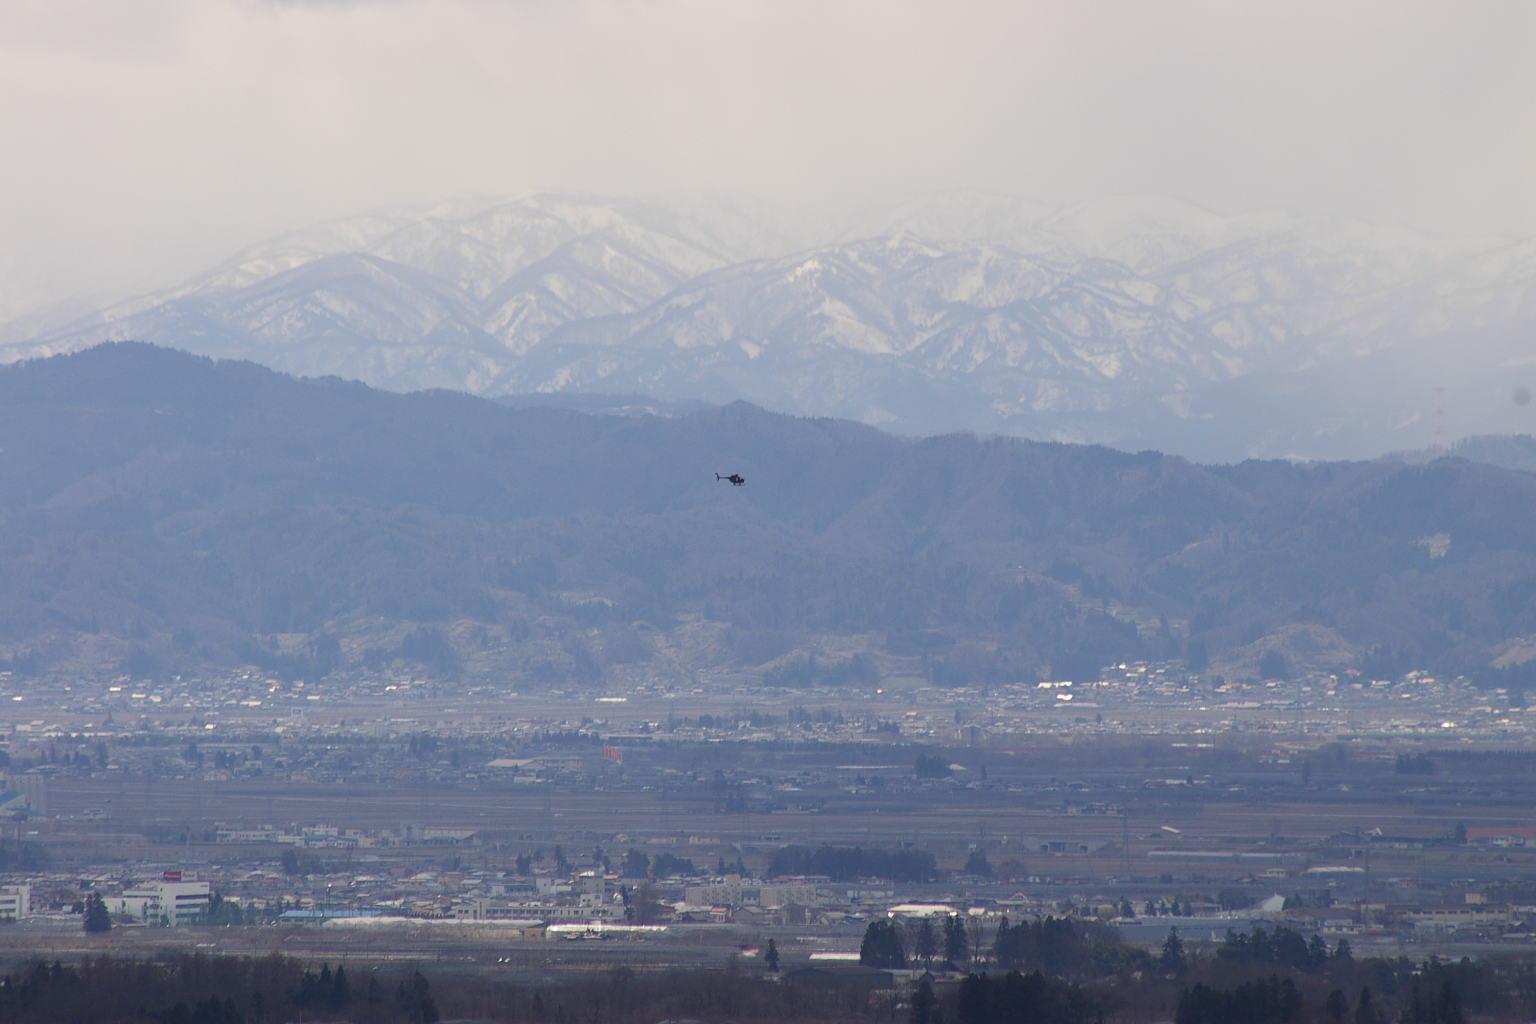 遠くには、朝日連峰を背景に自衛隊のヘリコプターが飛んでいます。